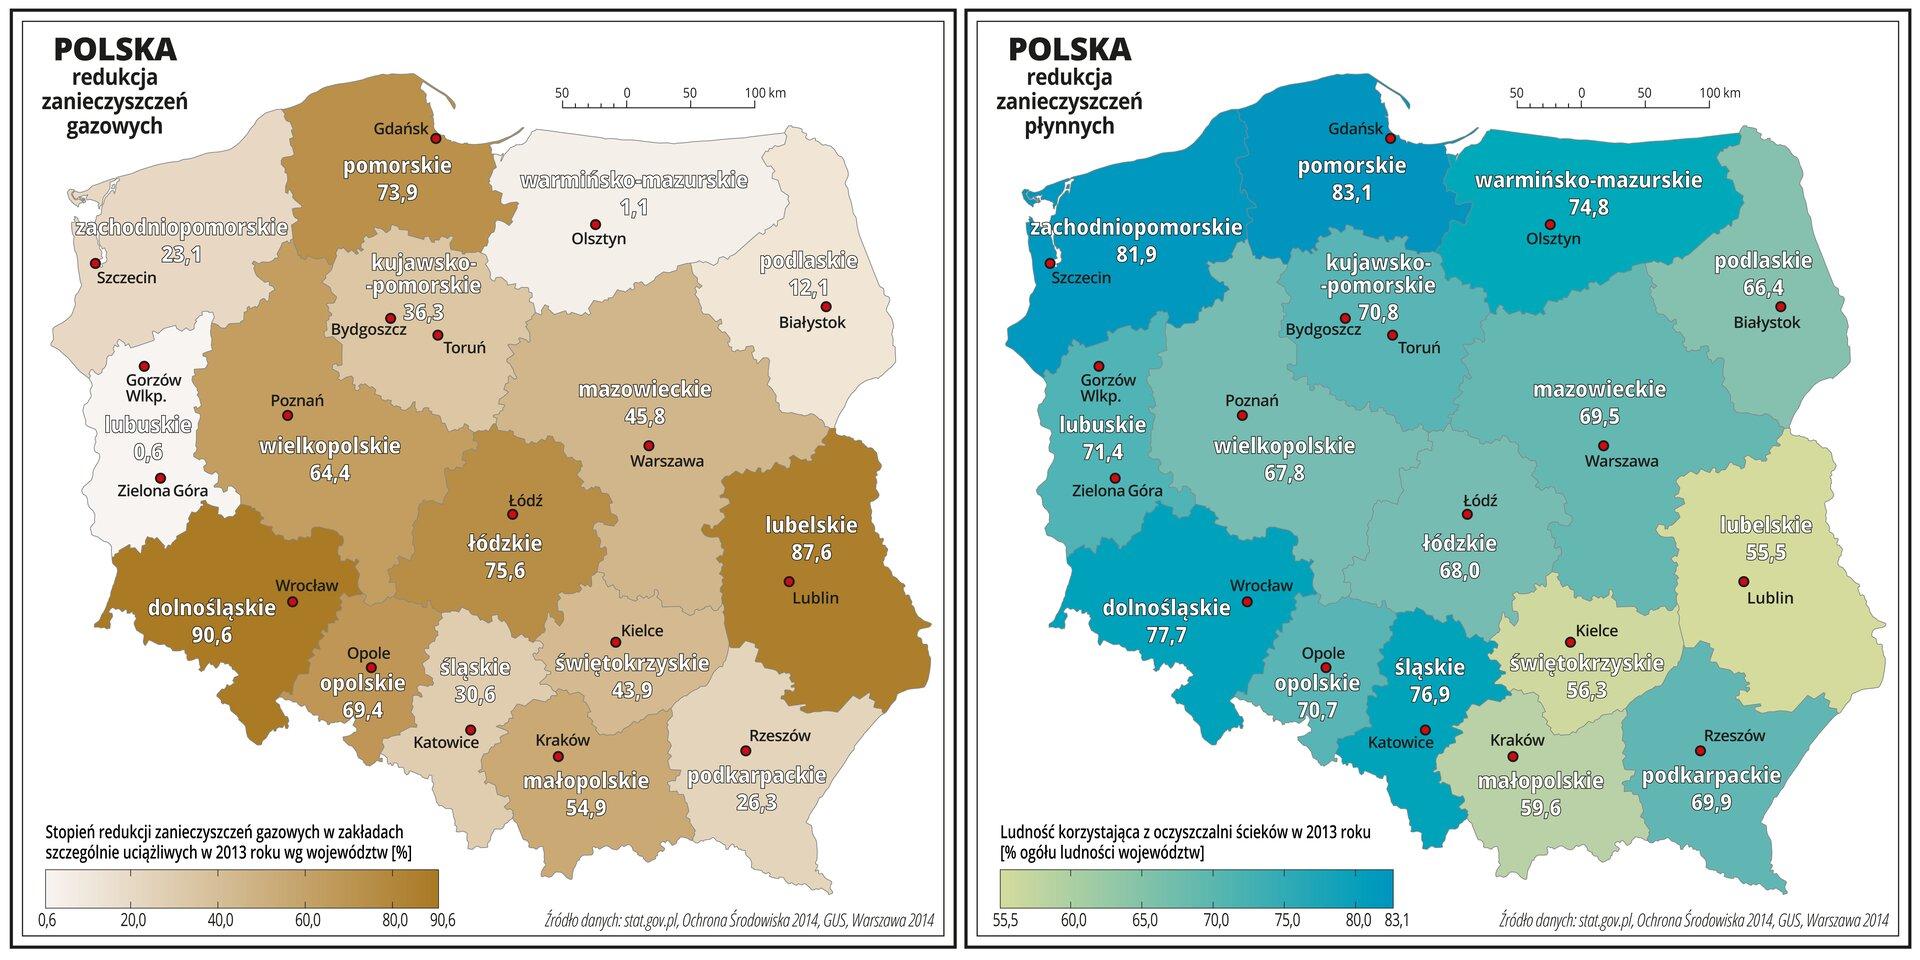 Ilustracja po lewej stronie przedstawia mapę Polski zpodziałem na województwa. Kolorami od seledynowego do niebieskiego przedstawiono jaki procent ludności danego województwa korzystał zoczyszczalni ścieków wdwa tysiące trzynastym roku.W każdym województwie opisano wartość (w procentach). Najciemniejszy kolor niebieski jest wwojewództwach nadmorskich, wwojewództwie dolnośląskim iwojewództwie śląskim. Zoczyszczalni ścieków korzystało tam wdwa tysiące trzynastym roku ponad siedemdziesiąt pięć procent ogółu ludności. Kolorem seledynowym obrazującym najniższe wartości tego zagadnienia oznaczono województwo lubelskie, świętokrzyskie imałopolskie – zoczyszczalni ścieków korzysta tam od pięćdziesięciu pięciu do sześćdziesięciu procent ogółu ludności.Czerwonymi kropkami zaznaczono miasta wojewódzkie. Po lewej stronie mapy na dole wlegendzie umieszczono poziomy pasek wkolorach od seledynowego do niebieskiego. Kolory seledynowe (jasne) oznaczają najniższe wartości – niewiele ponad pięćdziesiąt procent ogółu ludności korzysta zoczyszczalni ścieków. Kolory ciemniejsze (niebieskie) oznaczają, że zoczyszczalni ścieków korzysta ponad osiemdziesiąt procent ogółu ludności.Ilustracja po prawej stronie przedstawia mapę Polski zpodziałem na województwa. Odcieniami koloru brązowego przedstawiono stopień redukcji zanieczyszczeń gazowych wzakładach szczególnie uciążliwych wposzczególnych województwach wdwa tysiące trzynastym roku.W każdym województwie opisano wartość (w procentach). Najciemniejszy kolor brązowy jest wwojewództwie dolnośląskim –zredukowano tam ponad dziewięćdziesiąt procent zanieczyszczeń emitowanych przez szczególne uciążliwe zakłady przemysłowe. Wysokie wartości zanotowano również wwojewództwie lubelskim, łódzkim, opolskim, wielkopolskim ipomorskim. Redukuje się tam od sześćdziesięciu do osiemdziesięciu procent zanieczyszczeń gazowych.Najjaśniejszym kolorem oznaczono województwo lubuskie– zredukowano tam sześć dziesiątych procenta zanieczyszczeń gazowych.Czerwonymi kropk